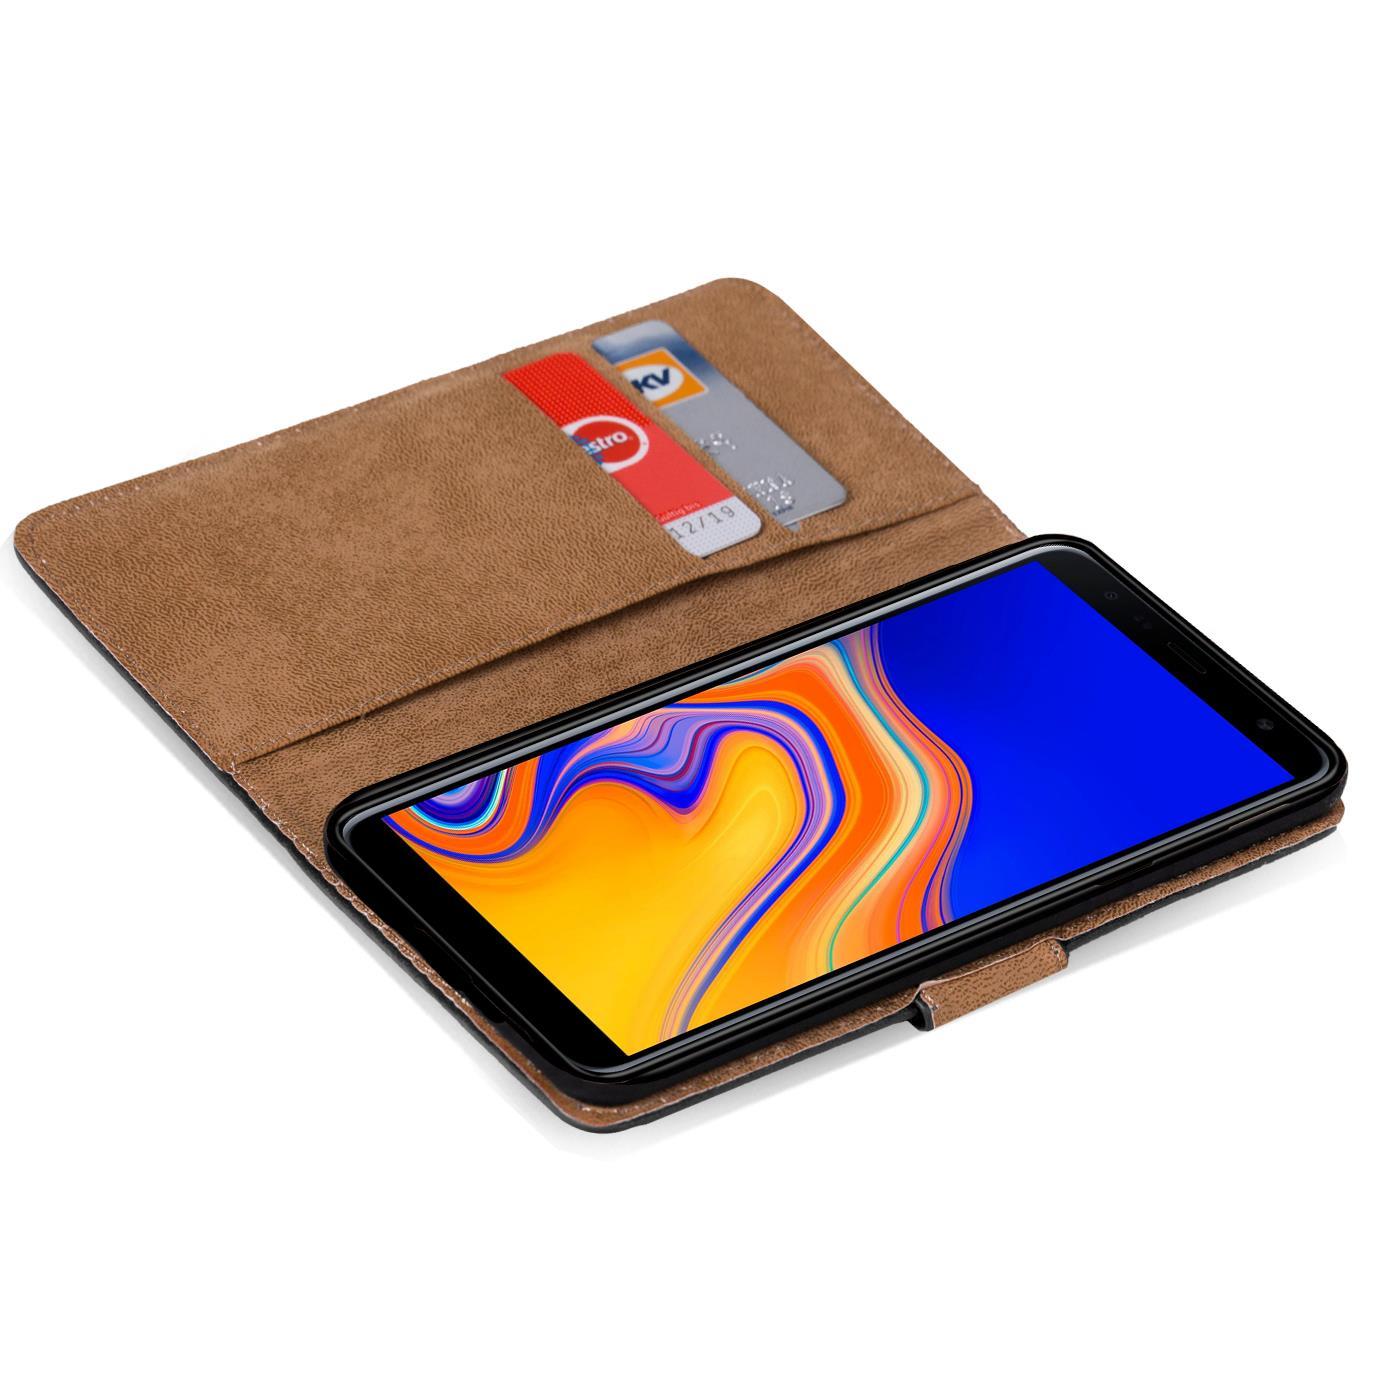 Samsung-Galaxy-A7-2018-Handy-Klapp-Tasche-Schutz-Huelle-Book-Flip-Cover-Case-Etui Indexbild 13